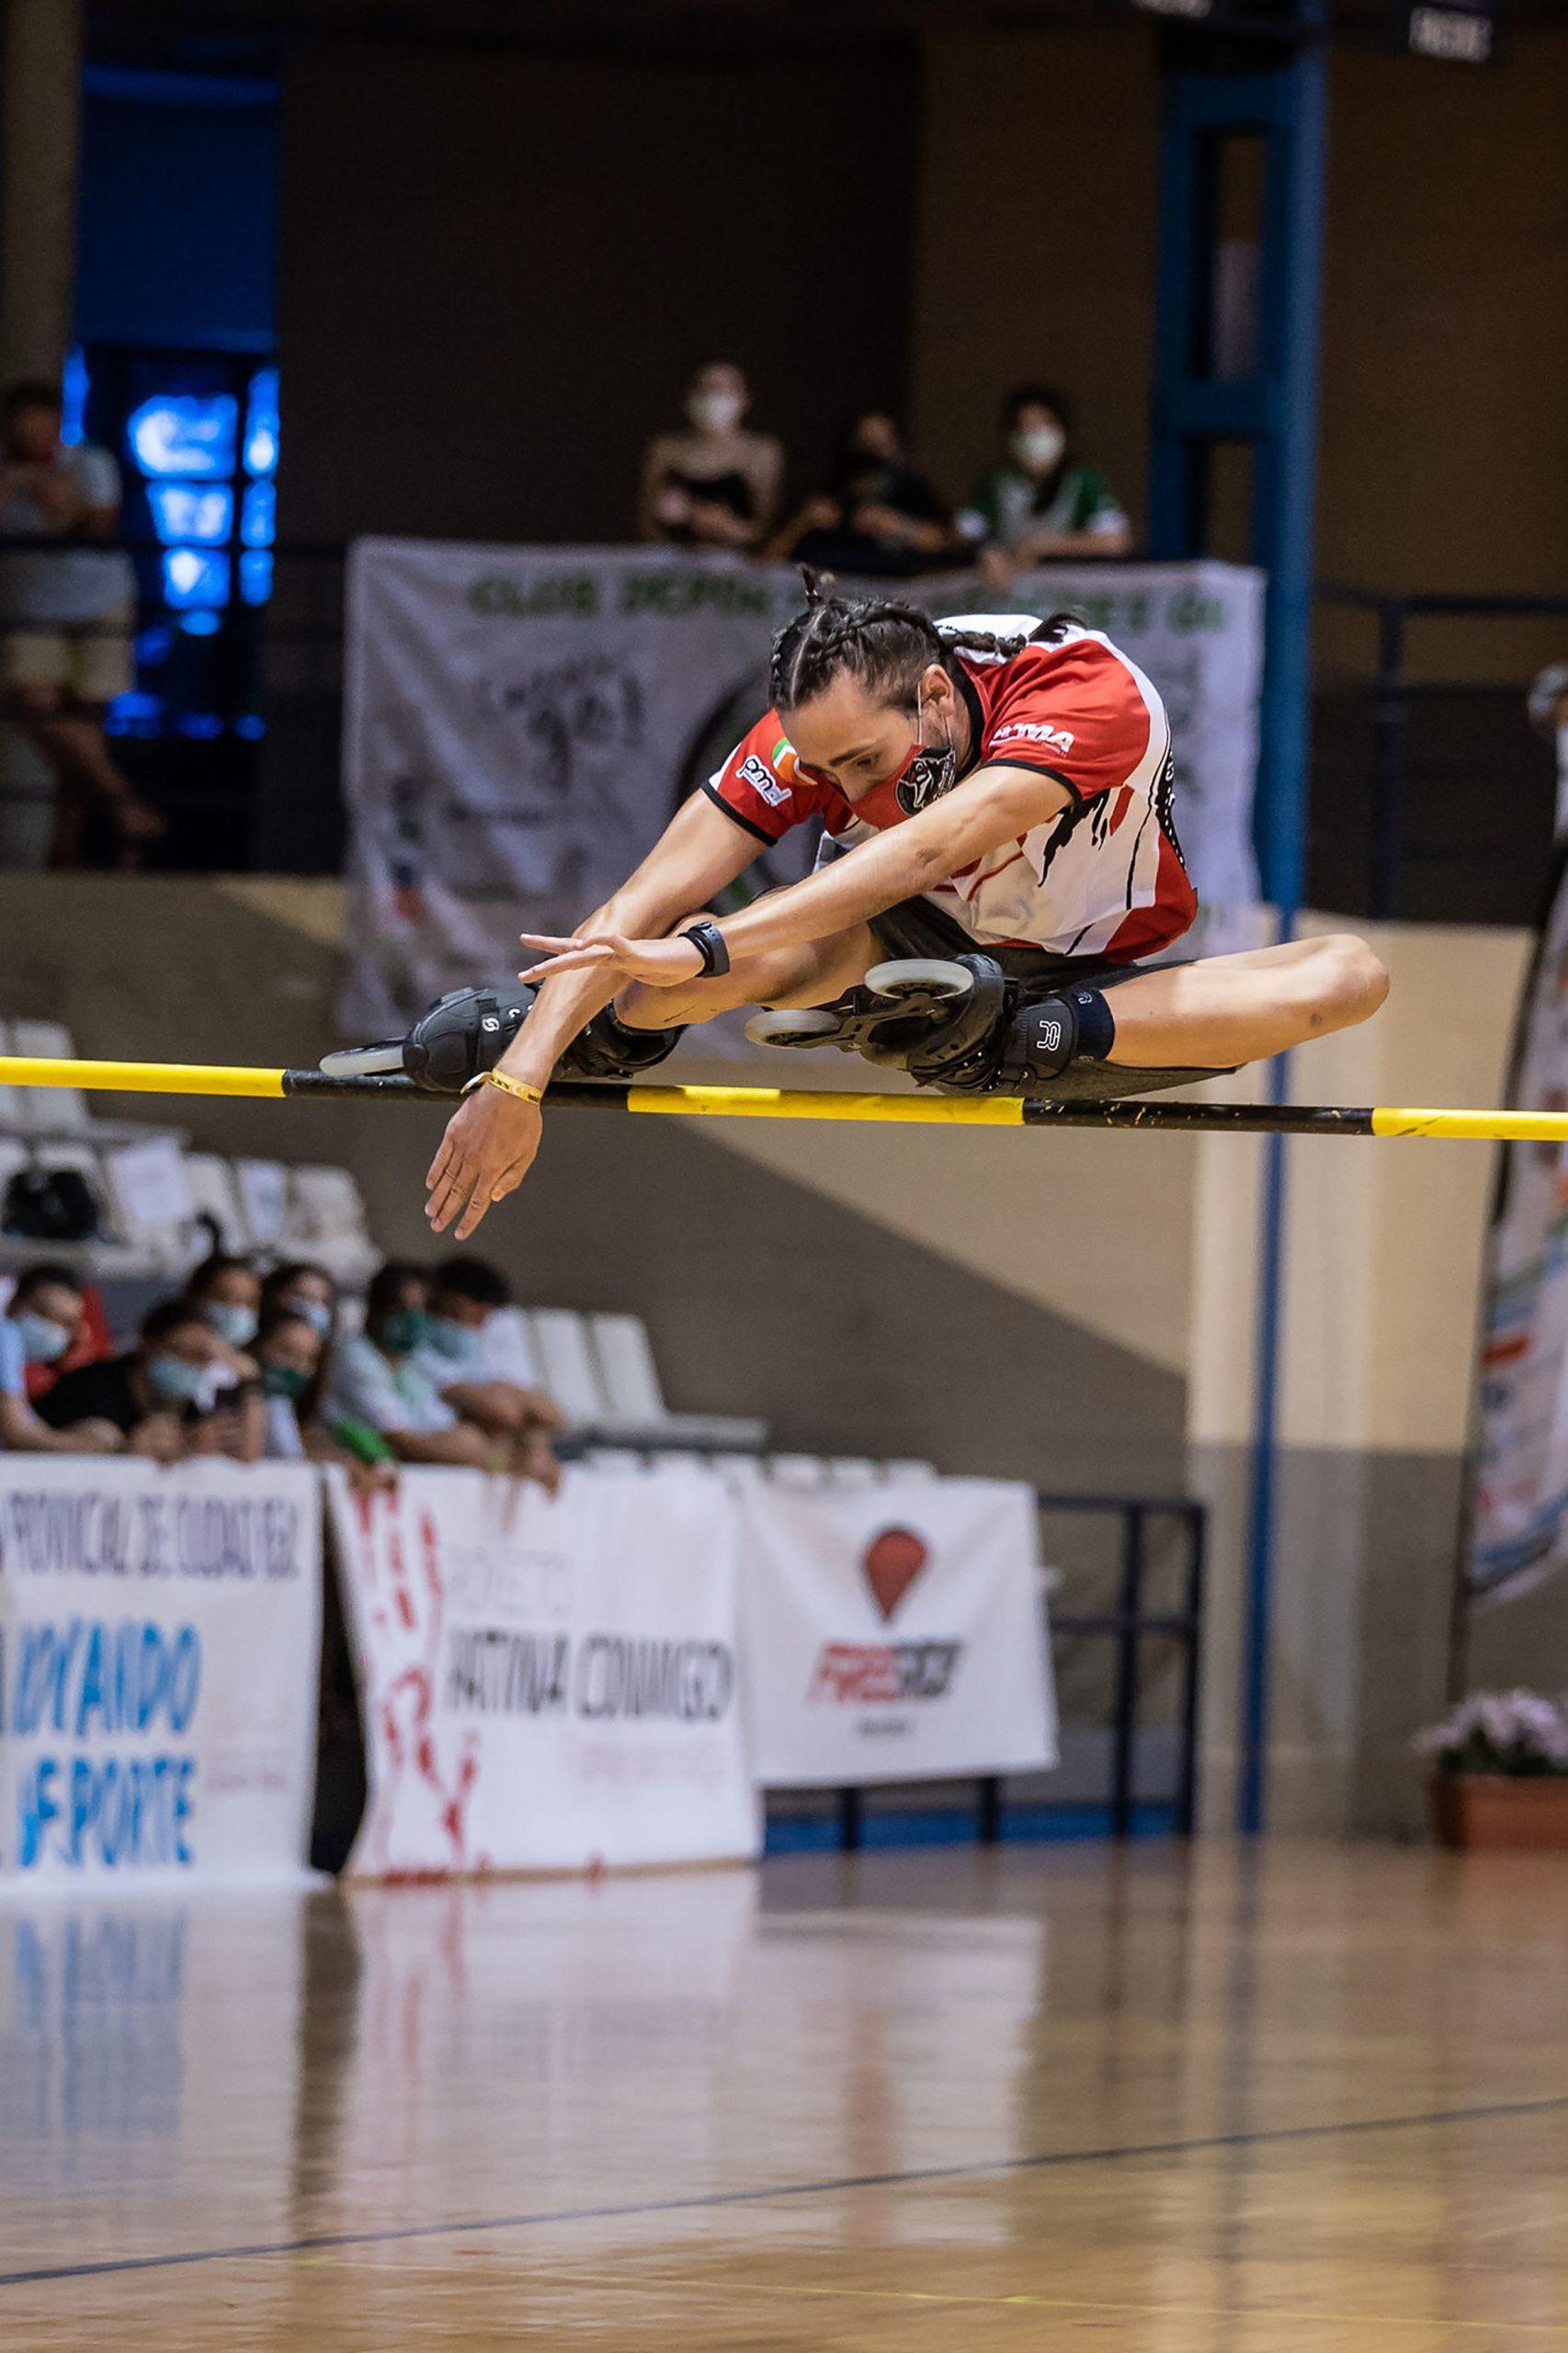 Imagen de Javier González